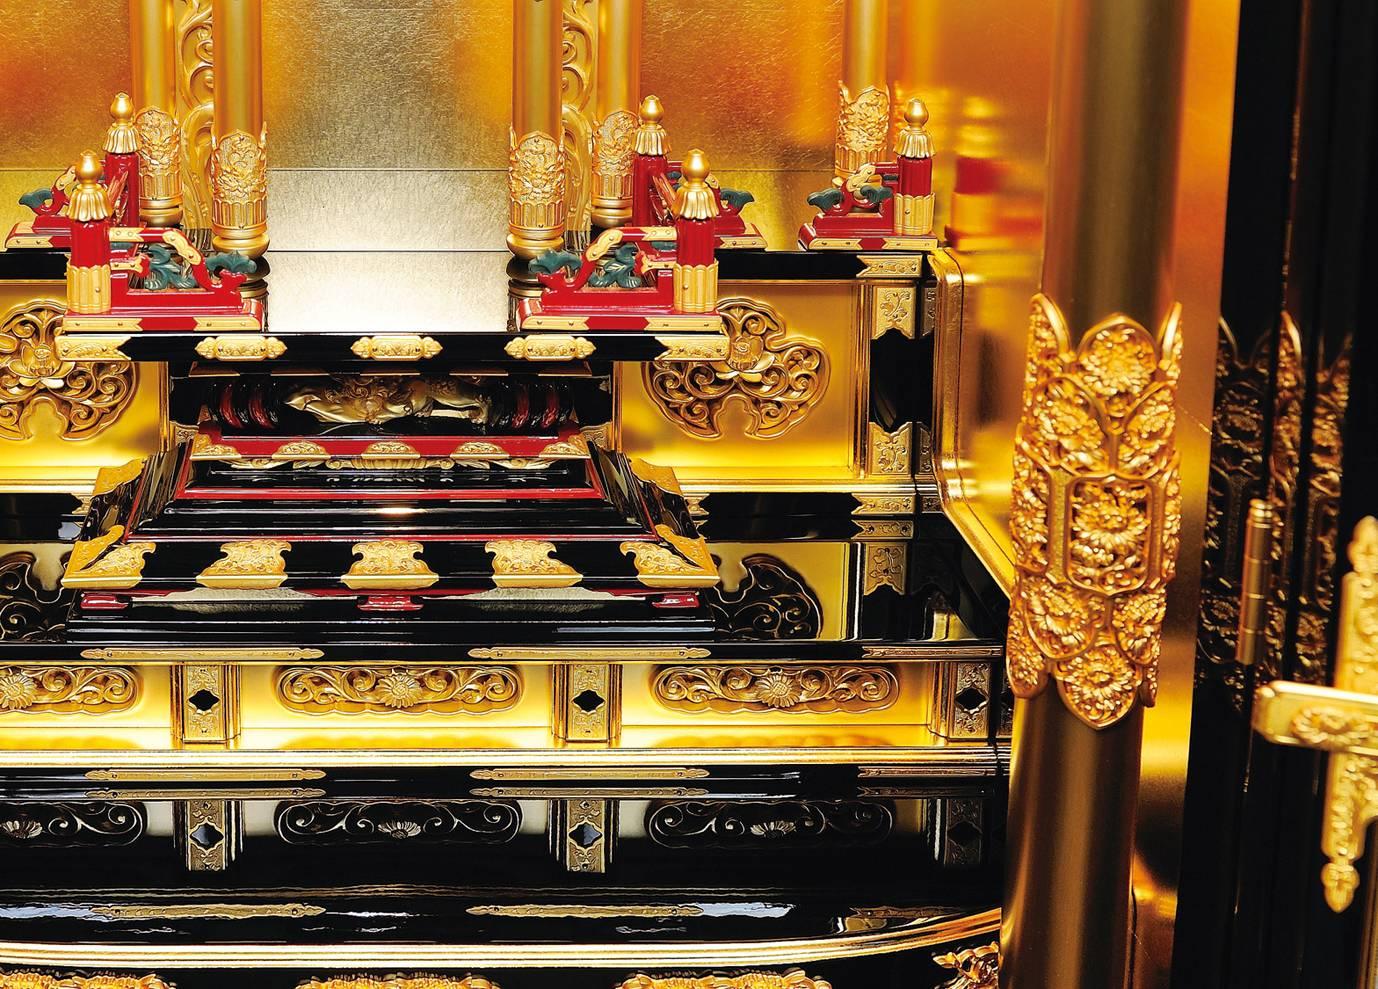 浄土真宗の大谷派と本願寺派の金仏壇の違い、柱部分